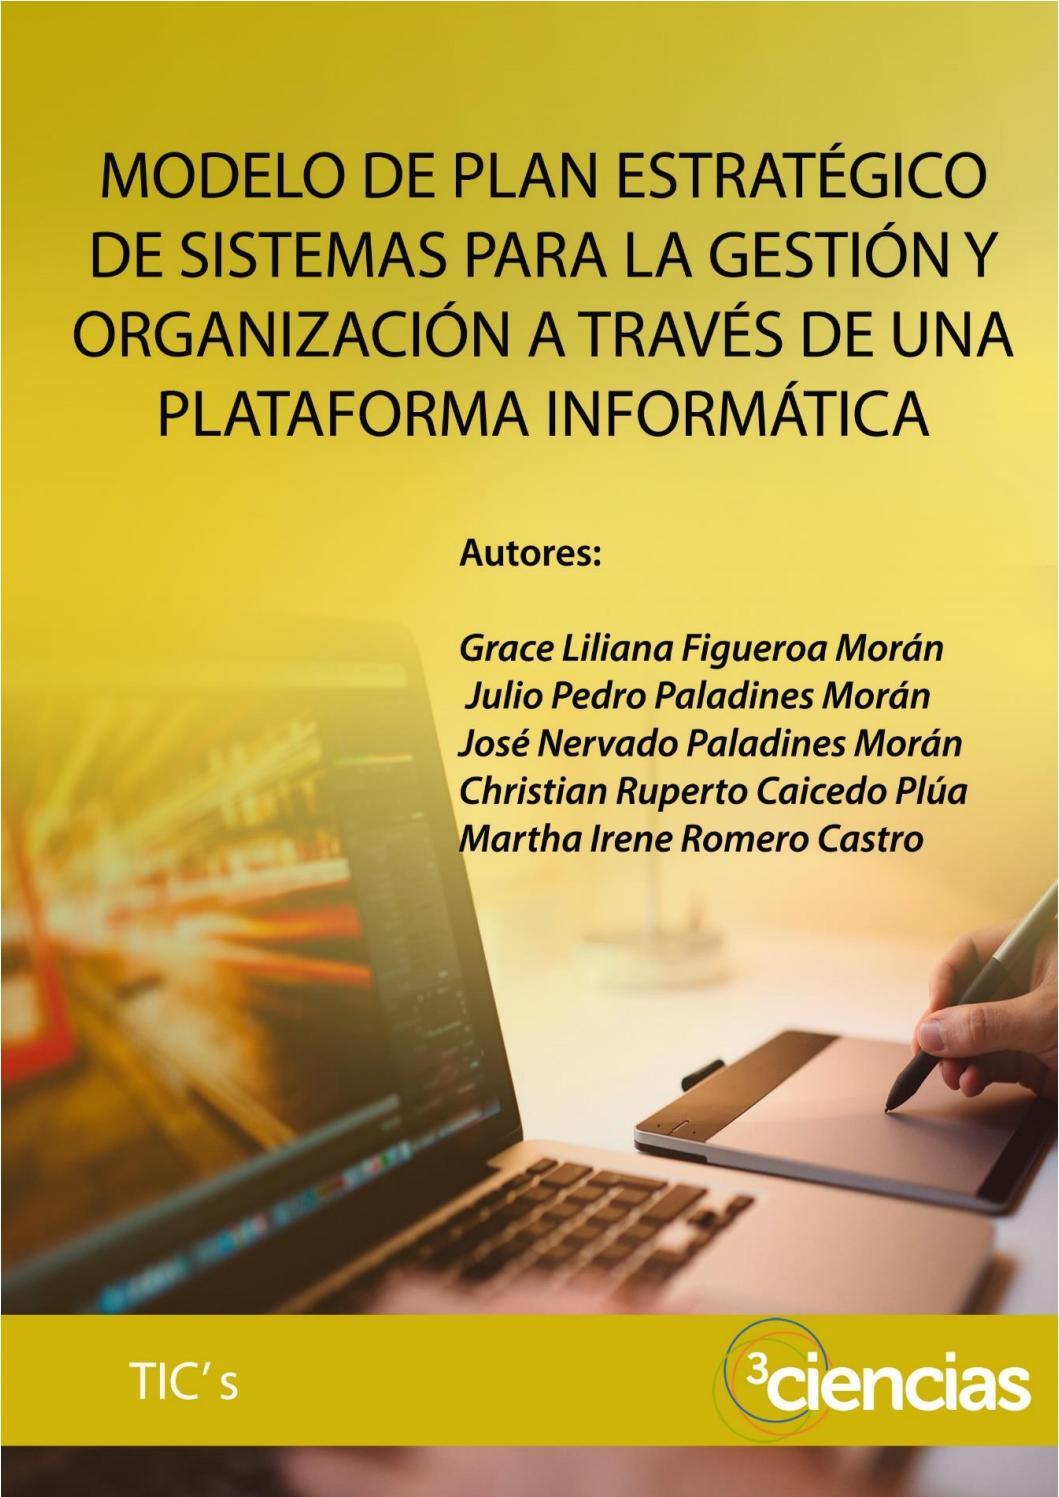 Modelo de plan estratégico by Carolina Arroyo - issuu